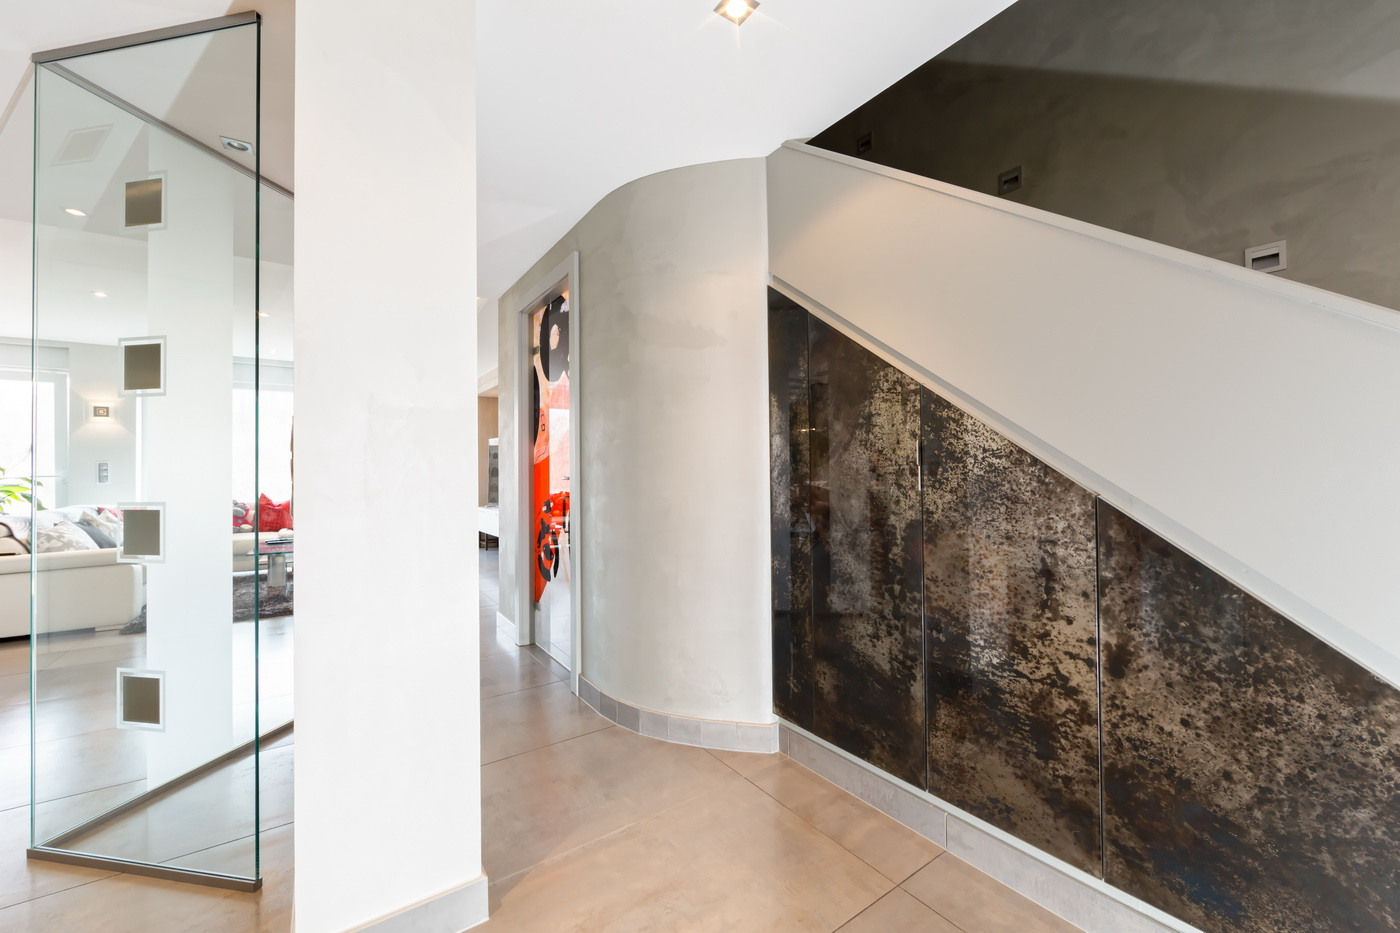 Architecte D Interieur Moselle photographie architecture d'intérieur | fly-pixel